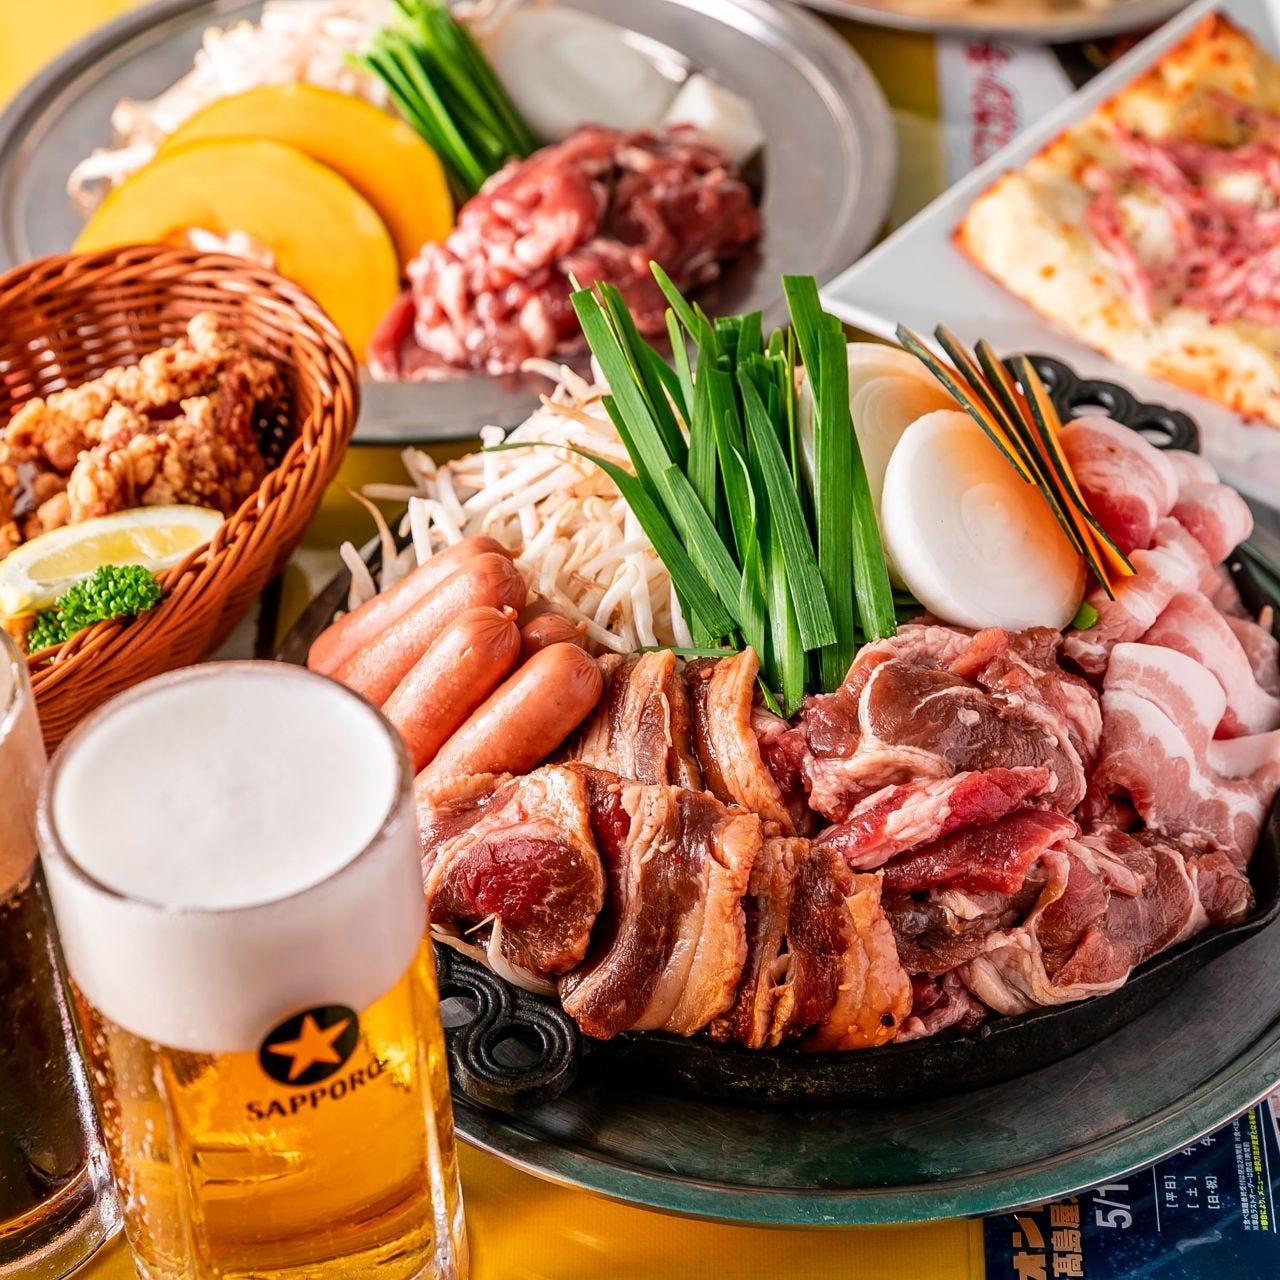 ビヤガーデンは食べ放題でお得に楽しむ♪コスパ抜群の食べ放題♪